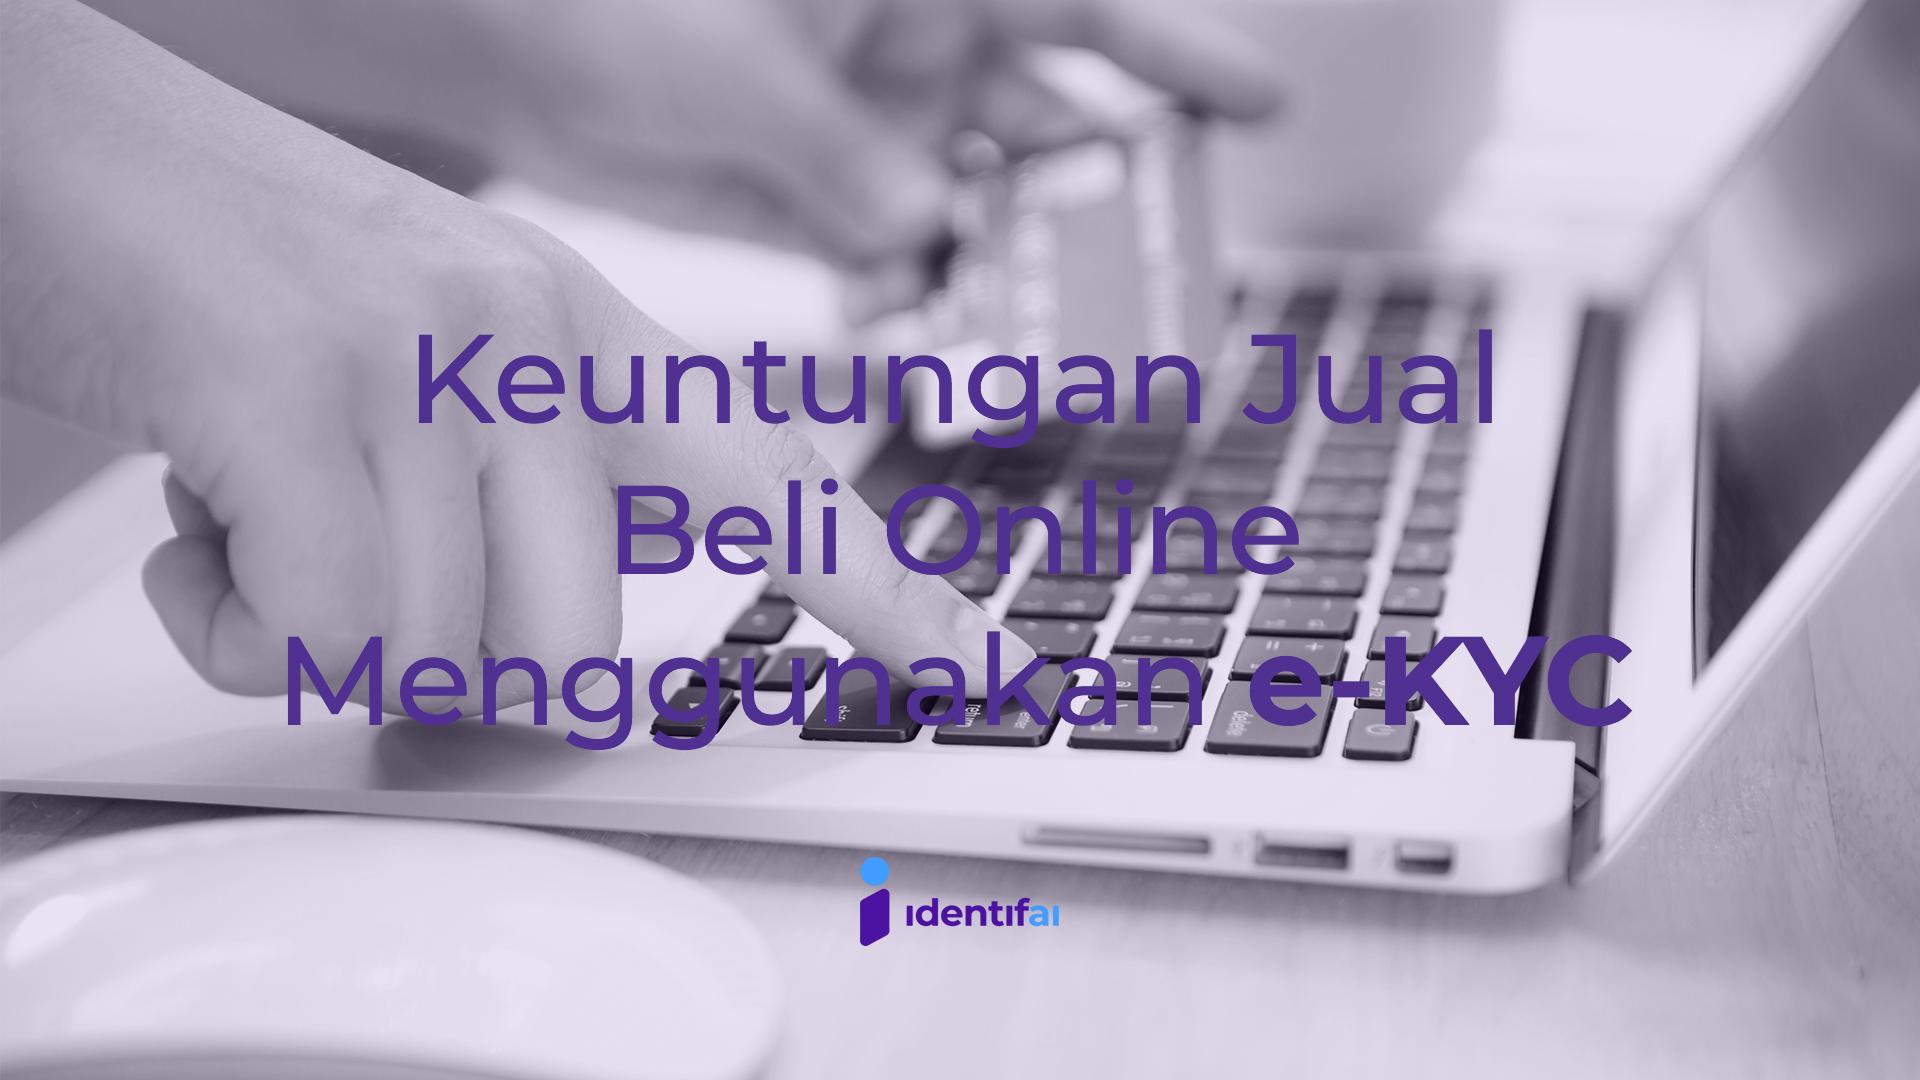 Keuntungan Jual Beli Online Menggunakan e-KYC